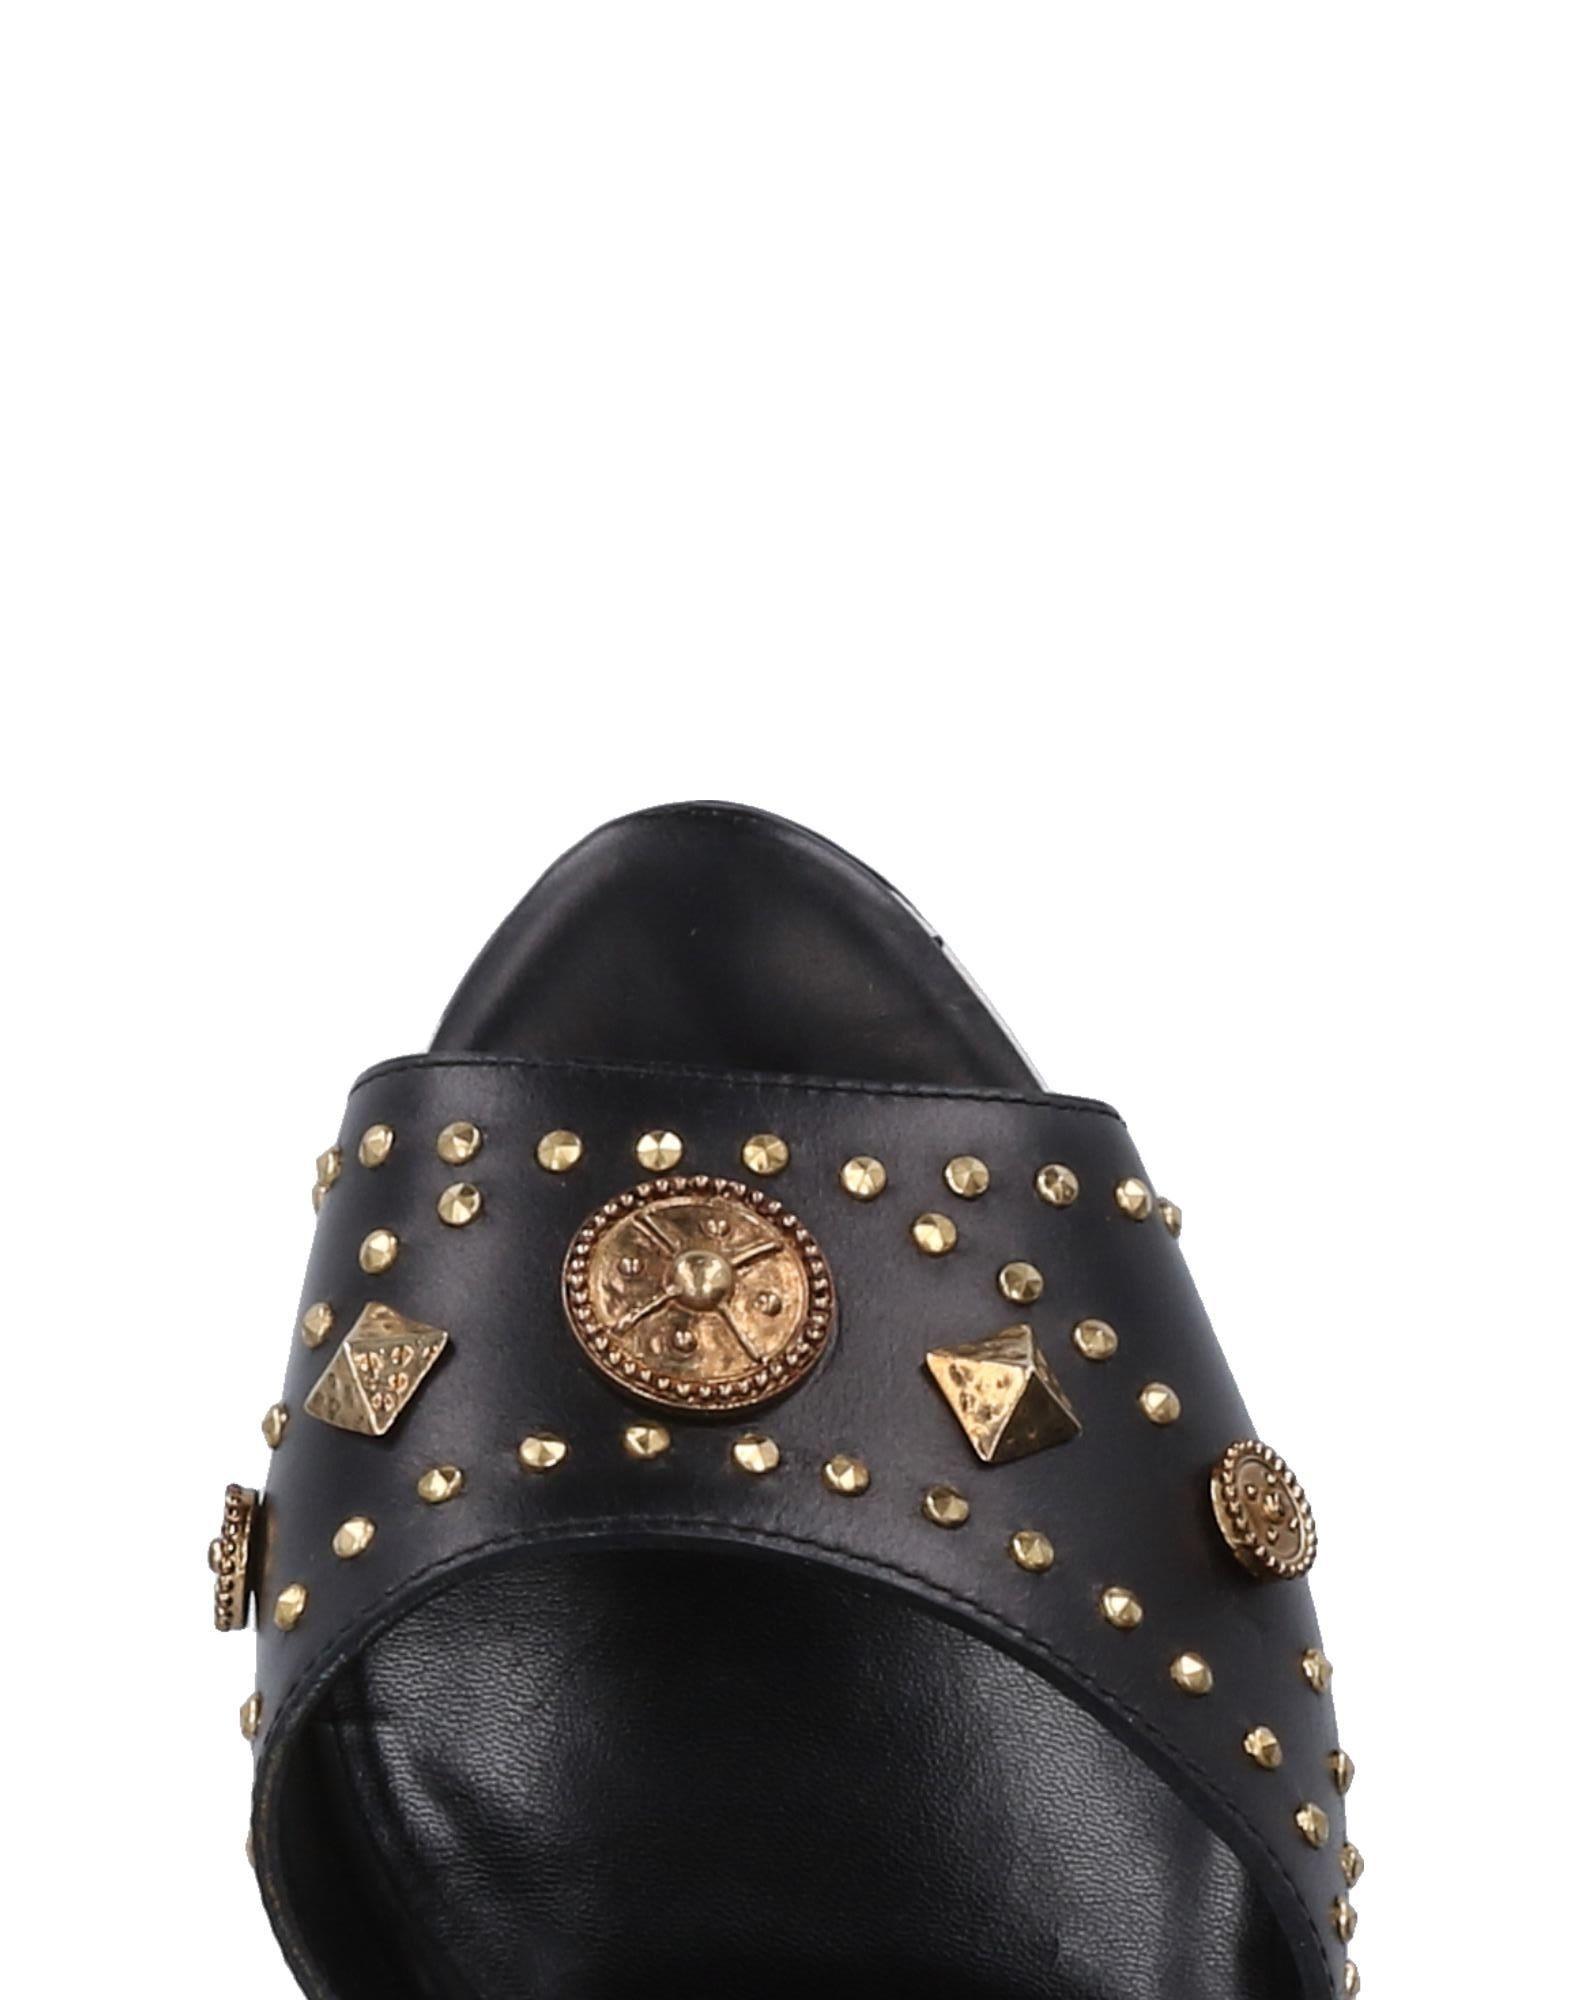 fausto puglisi sandales - femmes femmes femmes fausto puglisi sandales en ligne le royaume - uni - 11506871cd ee937c